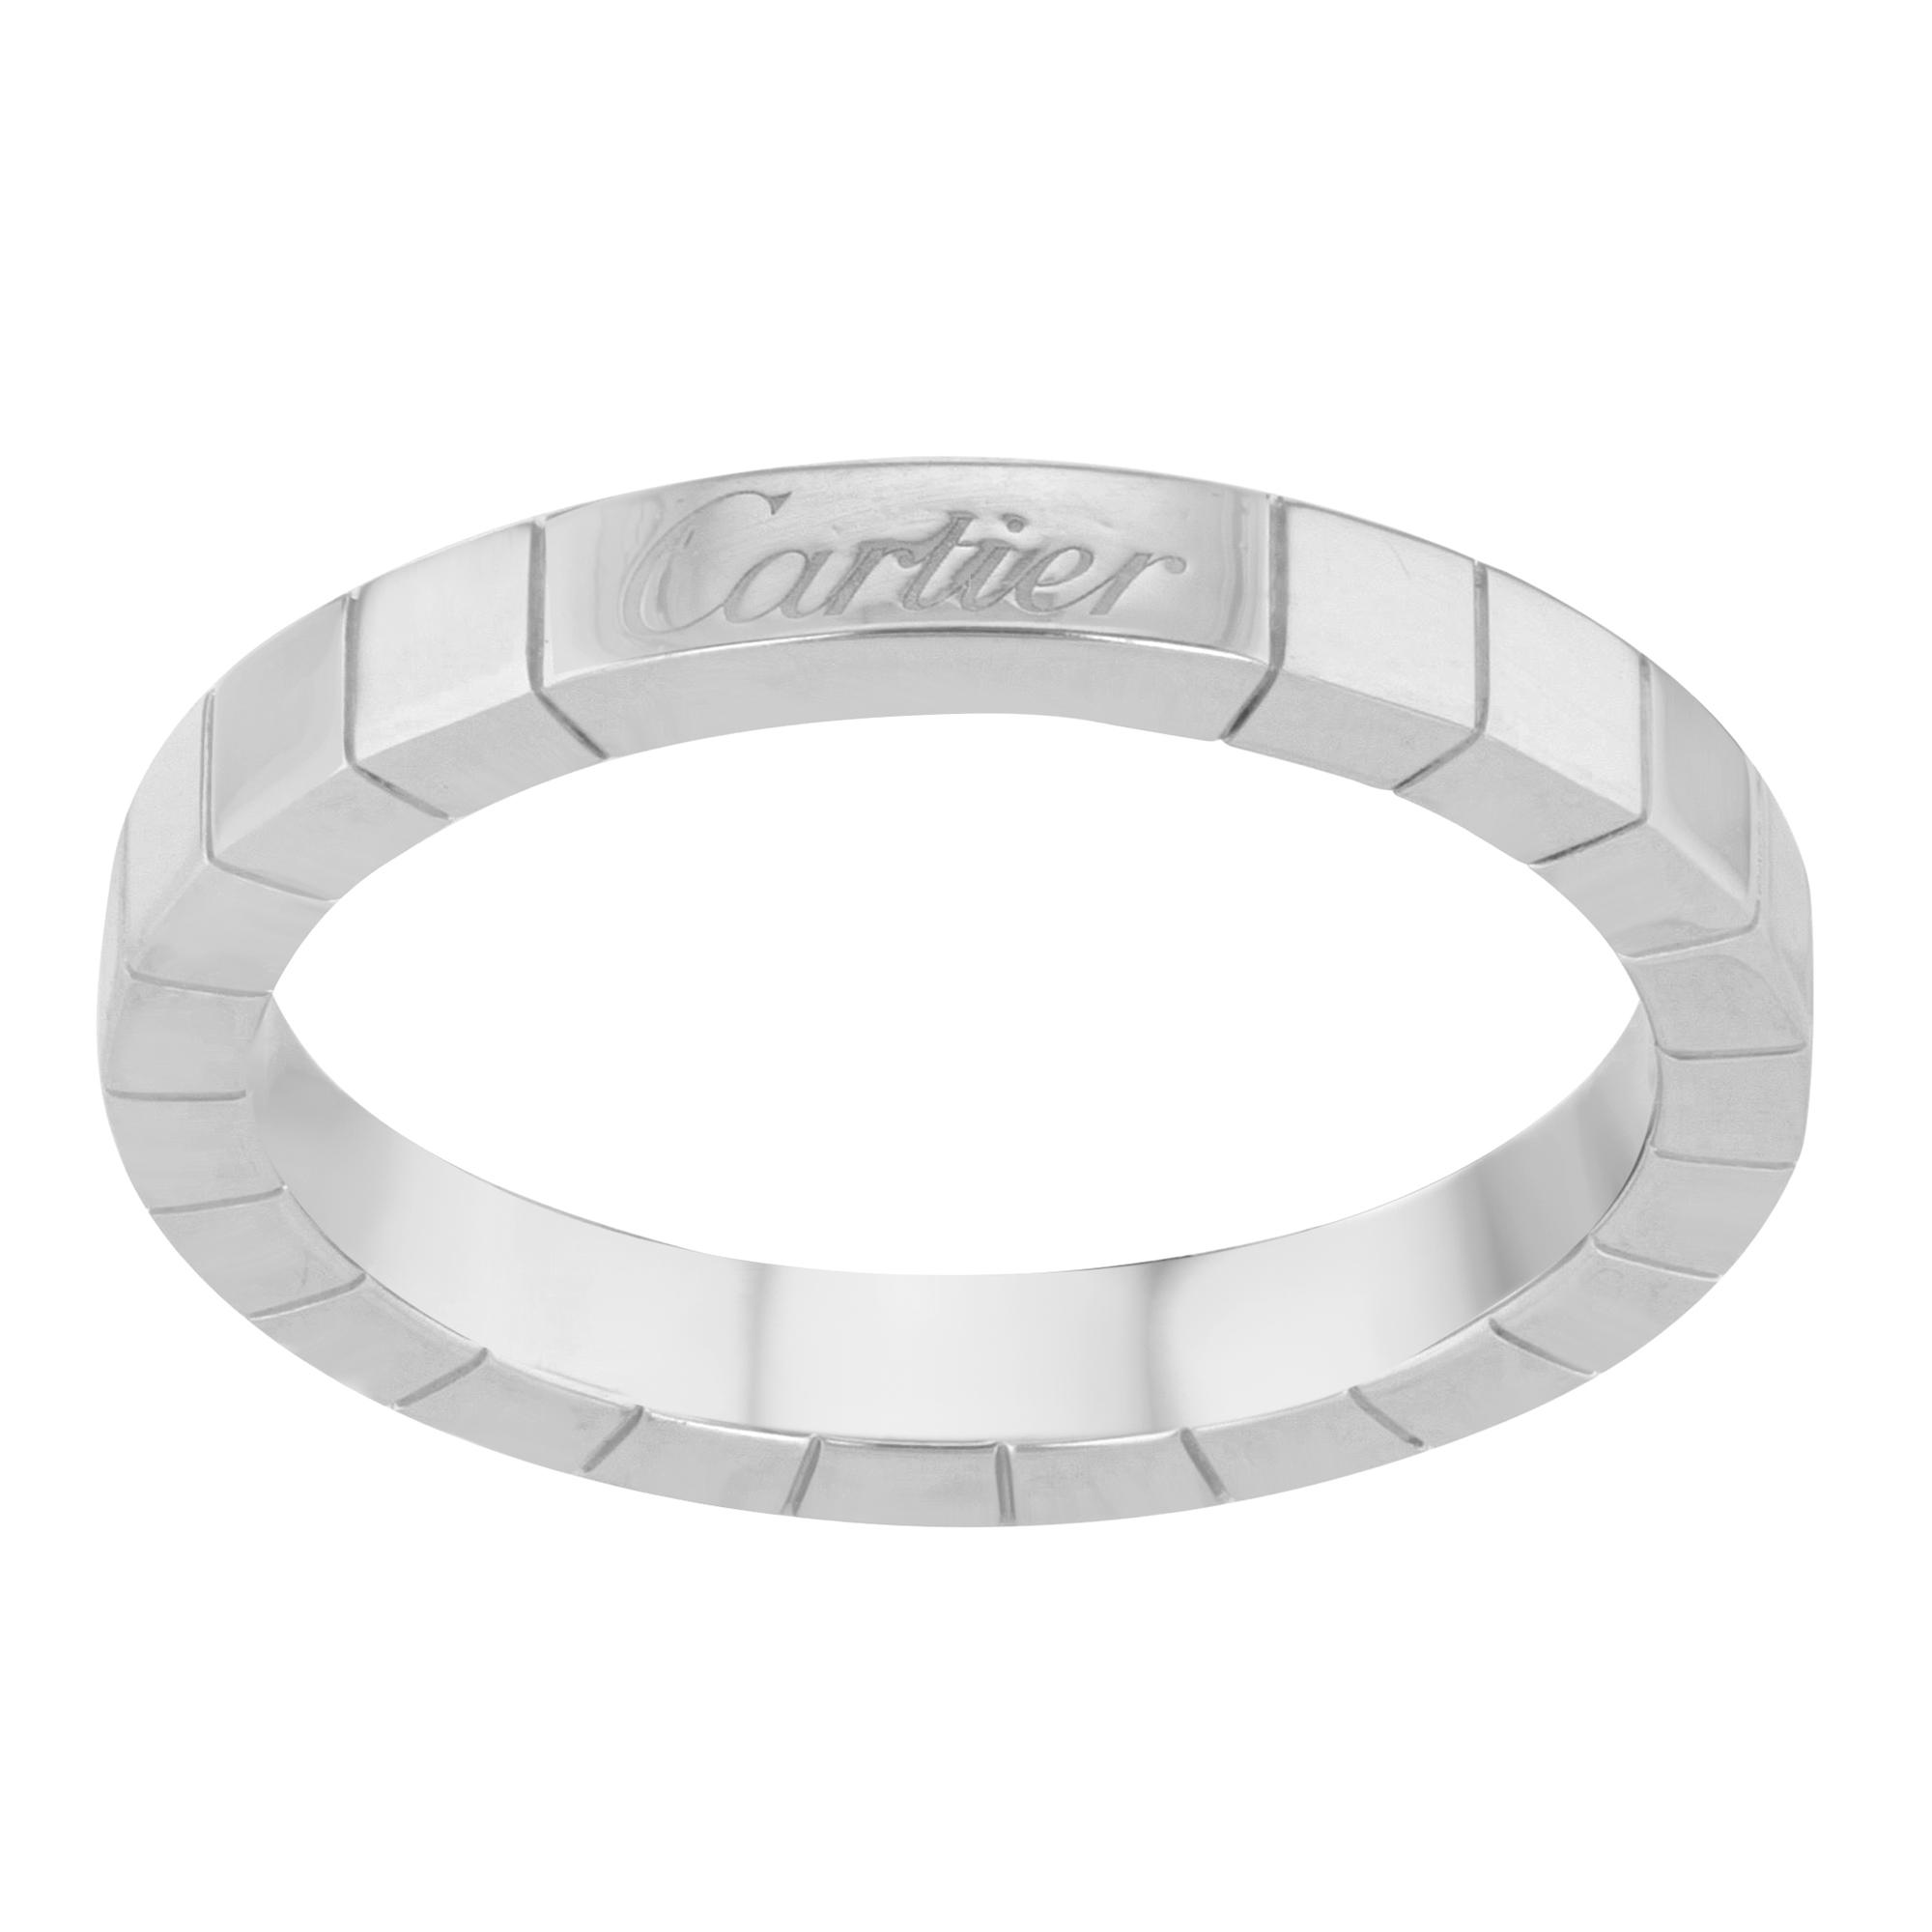 e9bee019785e1 Cartier Lanieres Wedding Band Ring 18K White Gold Size 9.5